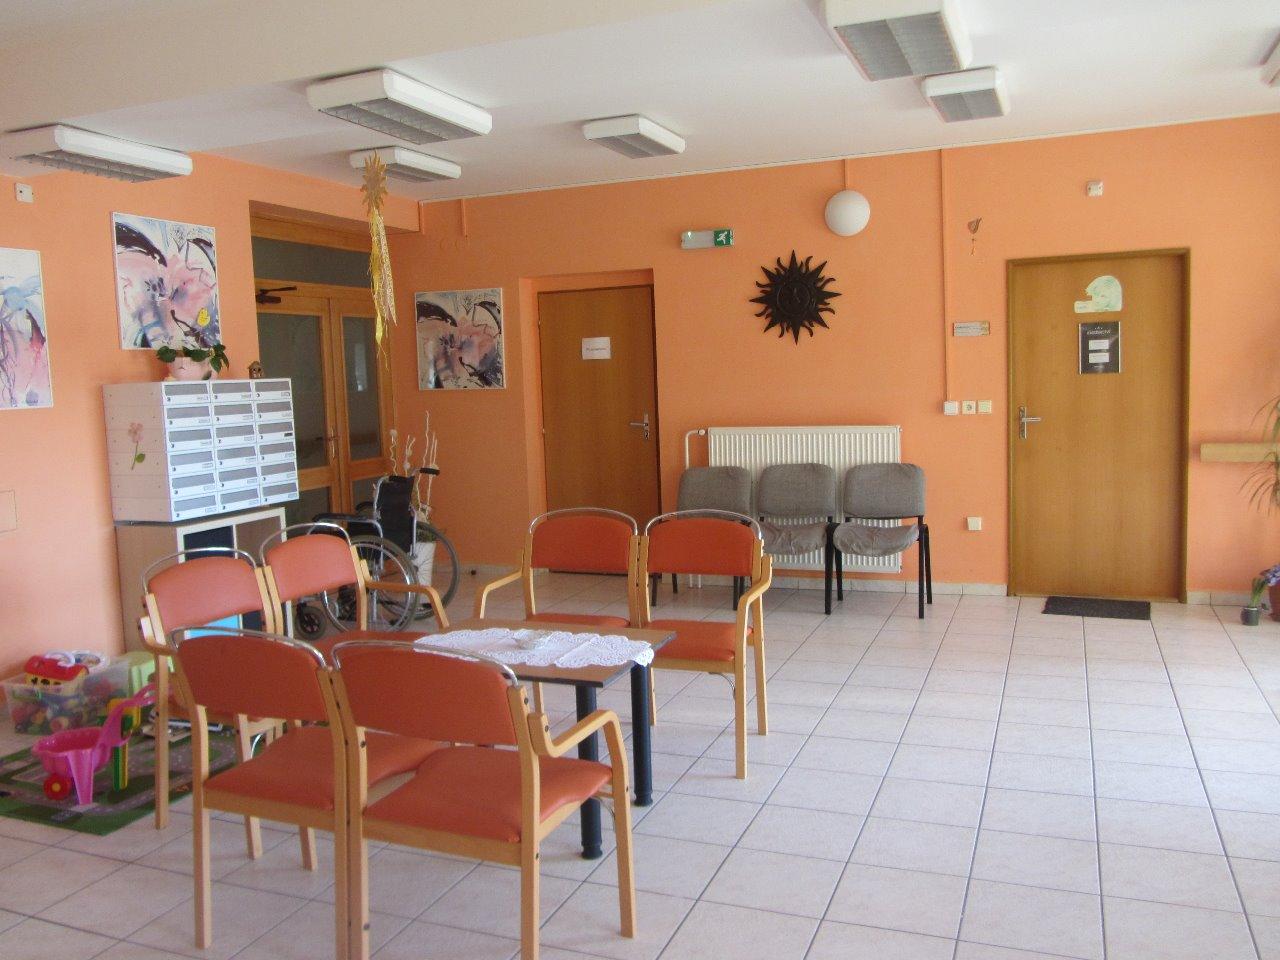 Pobytový domov pro seniory Opočno - nepřetržité sociální a zdravotní služby